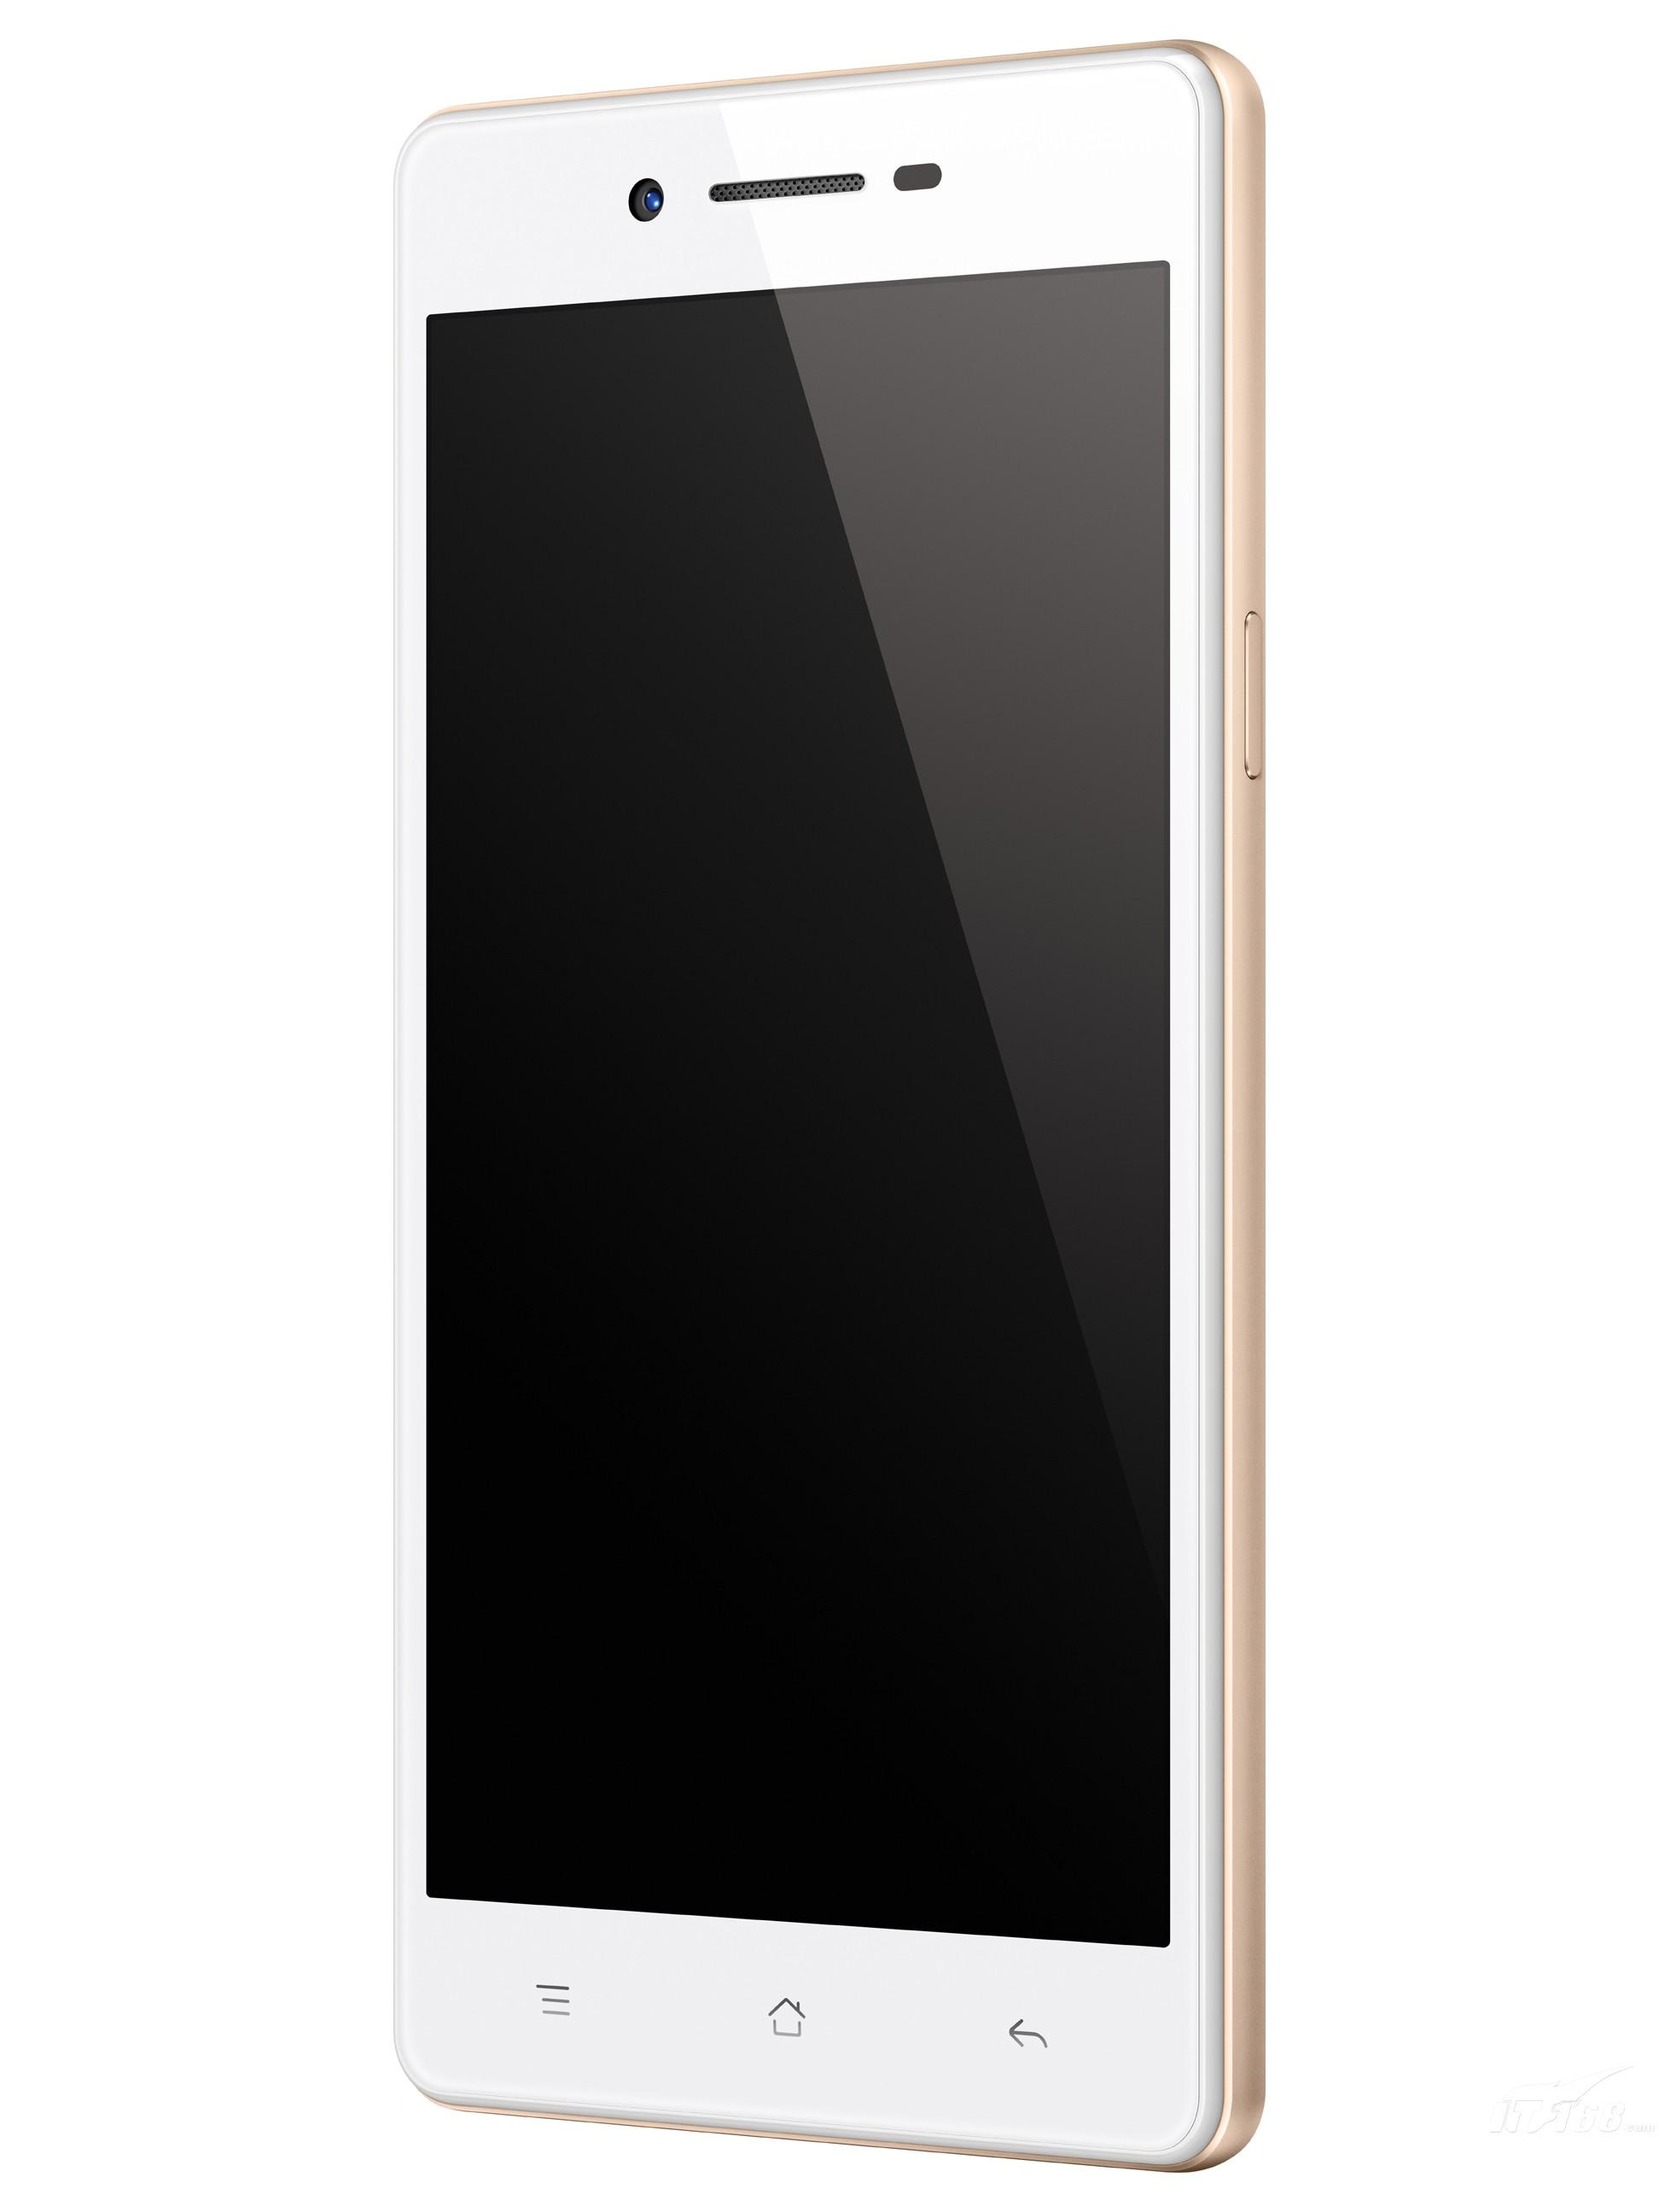 oppoa33 全网通版手机产品图片2素材-it168手机图片